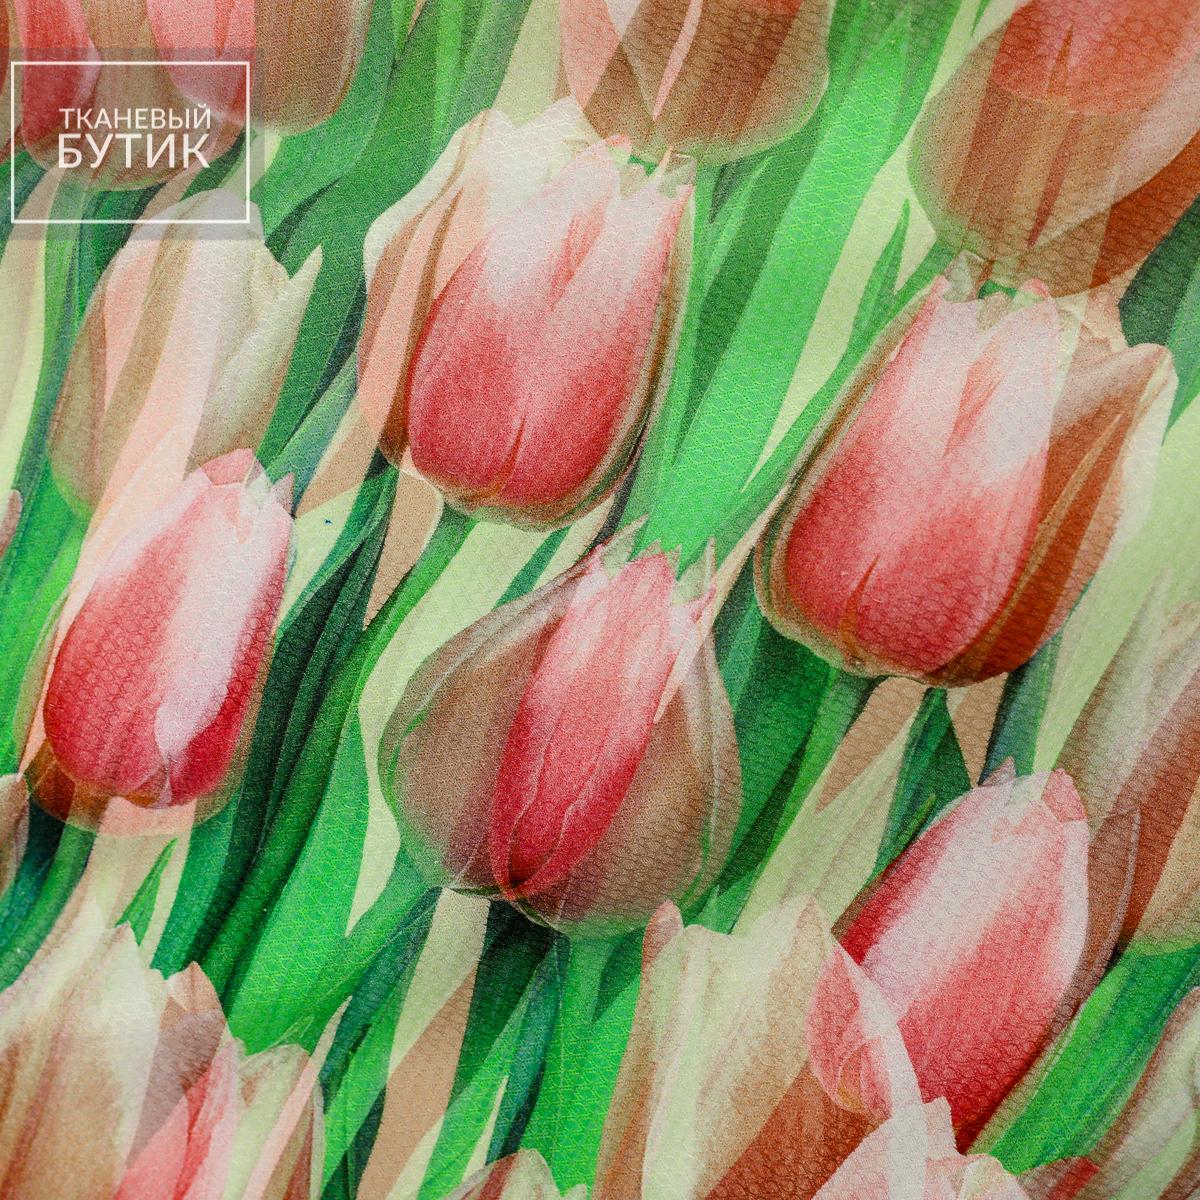 Розовые тюльпаны на фактурном хлопке